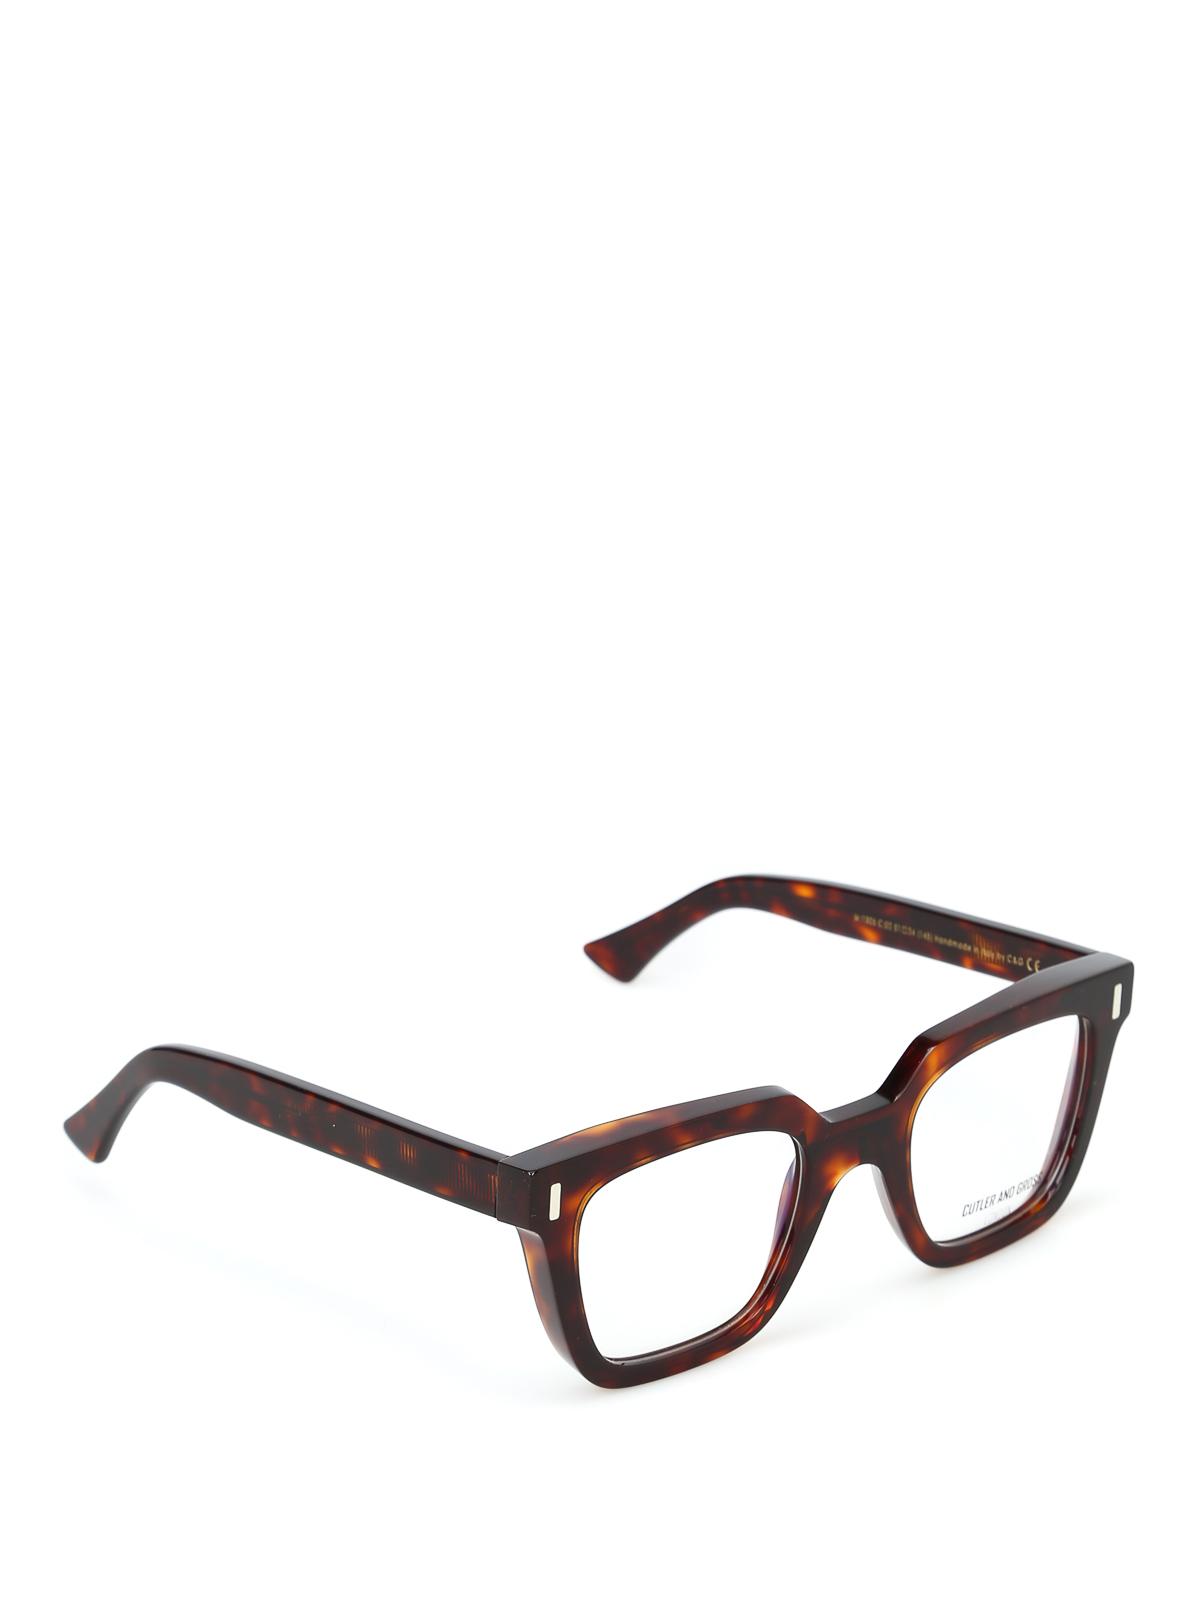 negozio online d6b05 5e252 Cutler And Gross - Occhiali da vista super spessi lenti ...